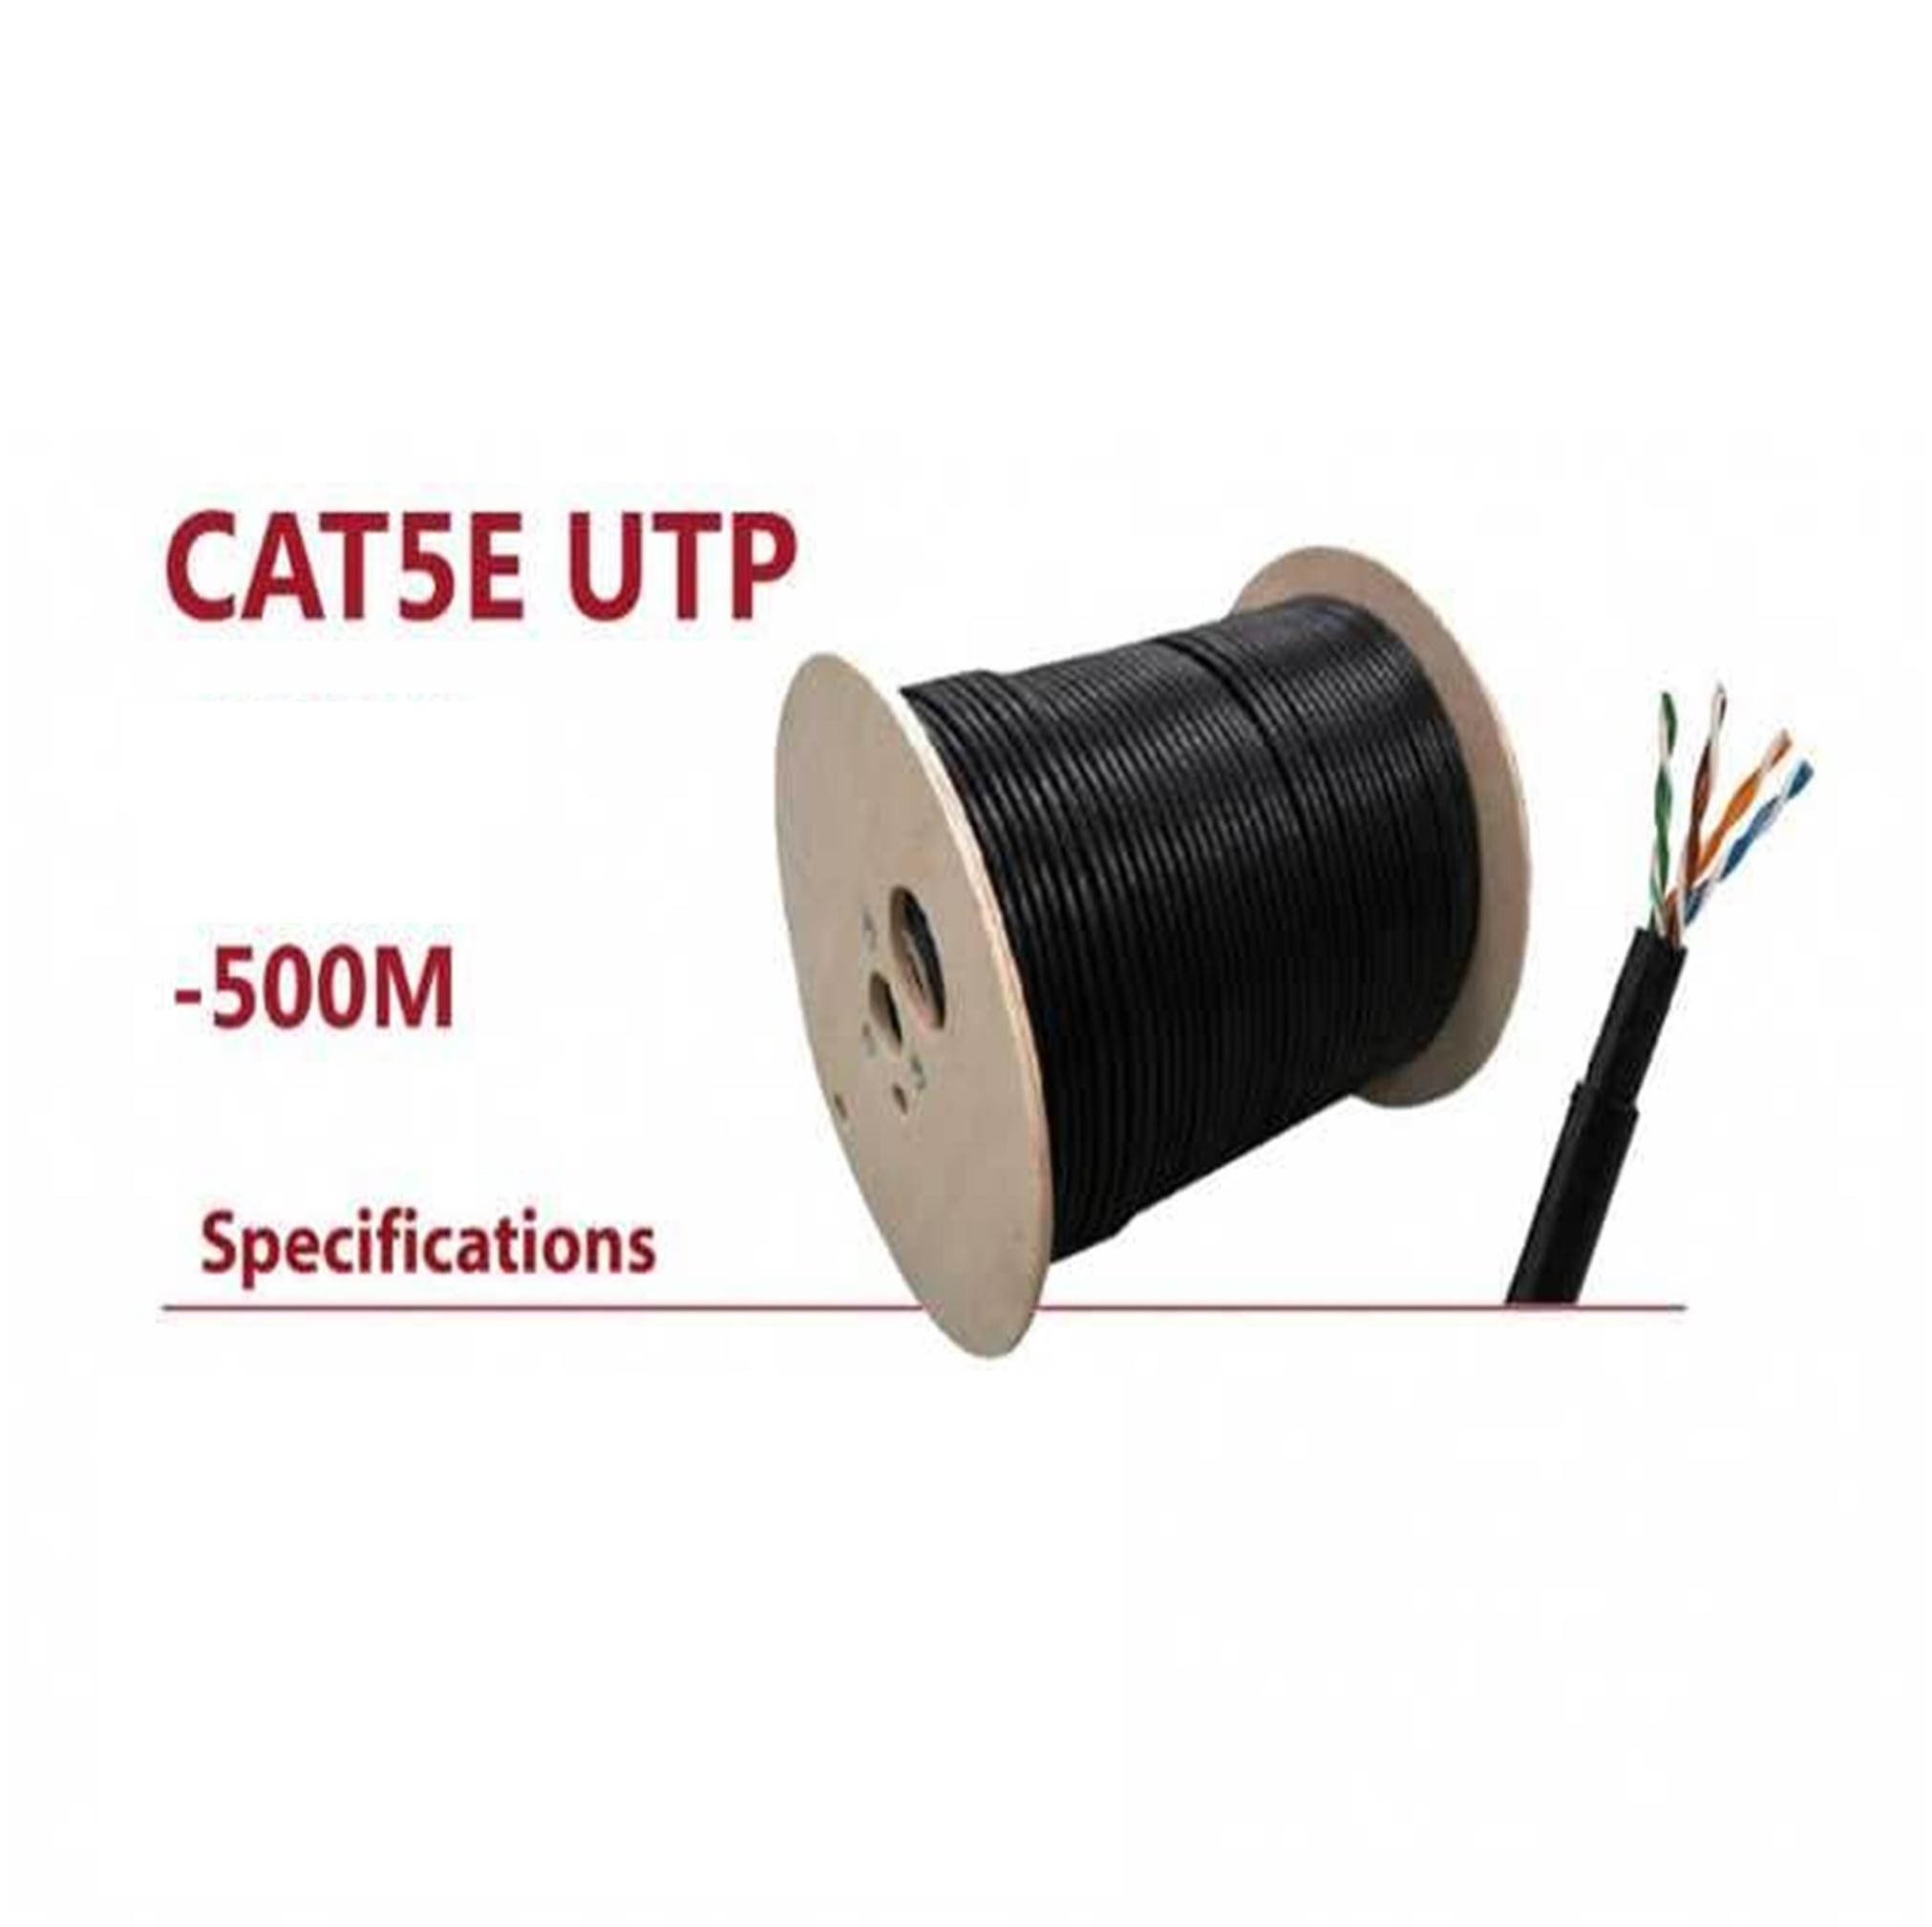 CAT5E UTP (Outdoor) 500M